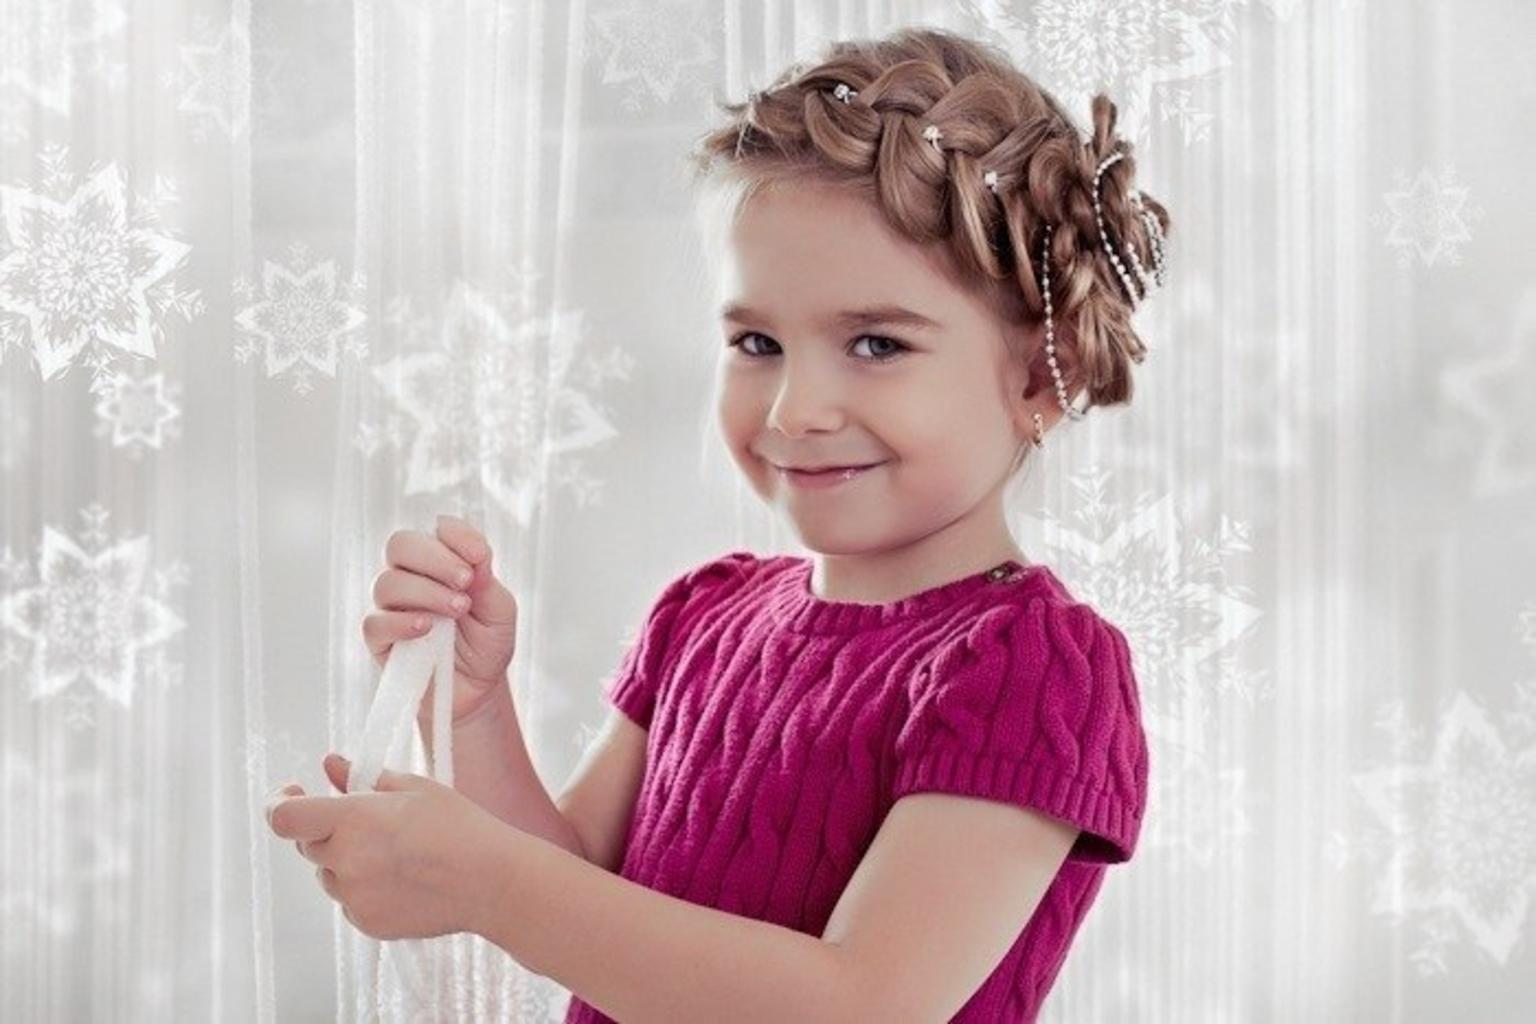 Прическа для девочки нарядная на выпускной фото